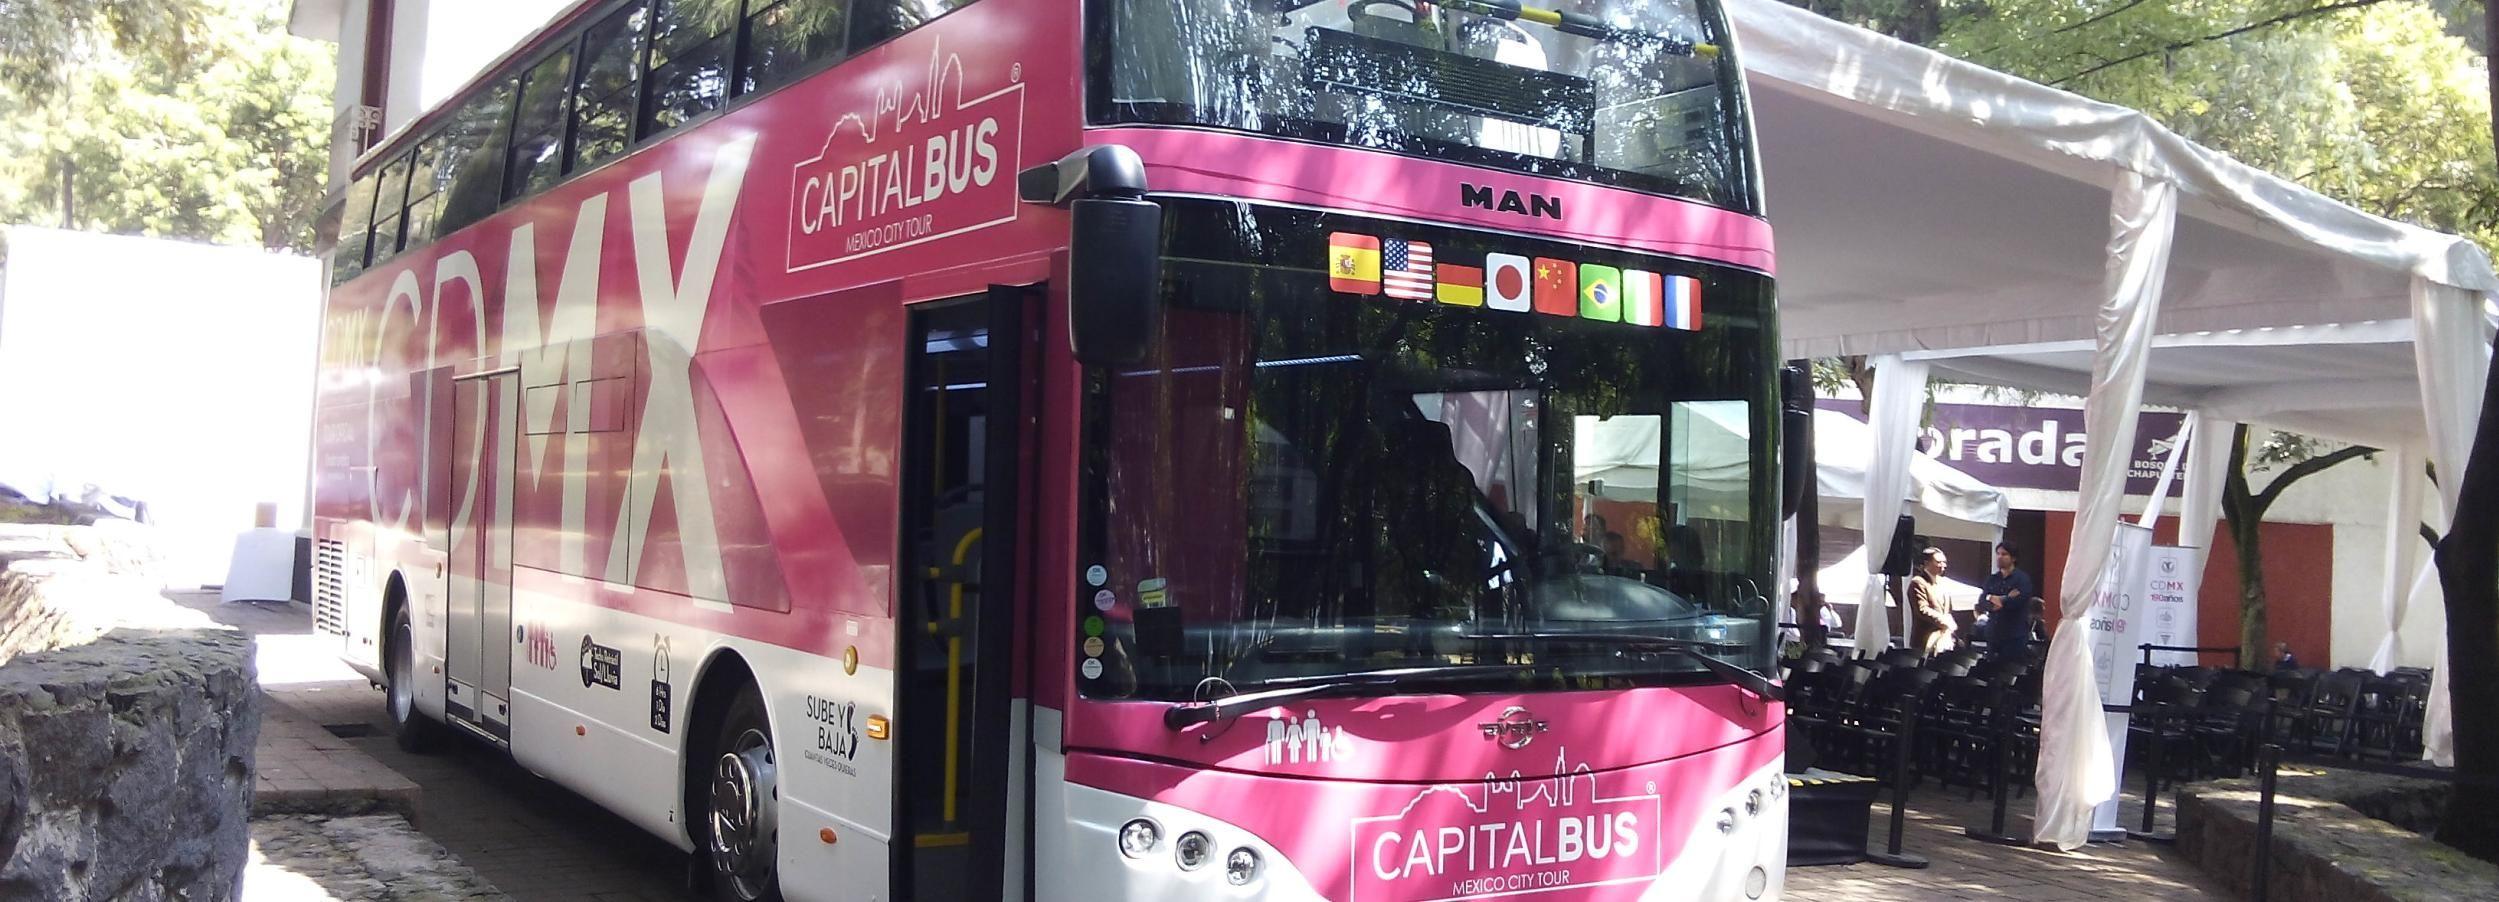 Ciudad de México: pase de 1 día al autobús turístico